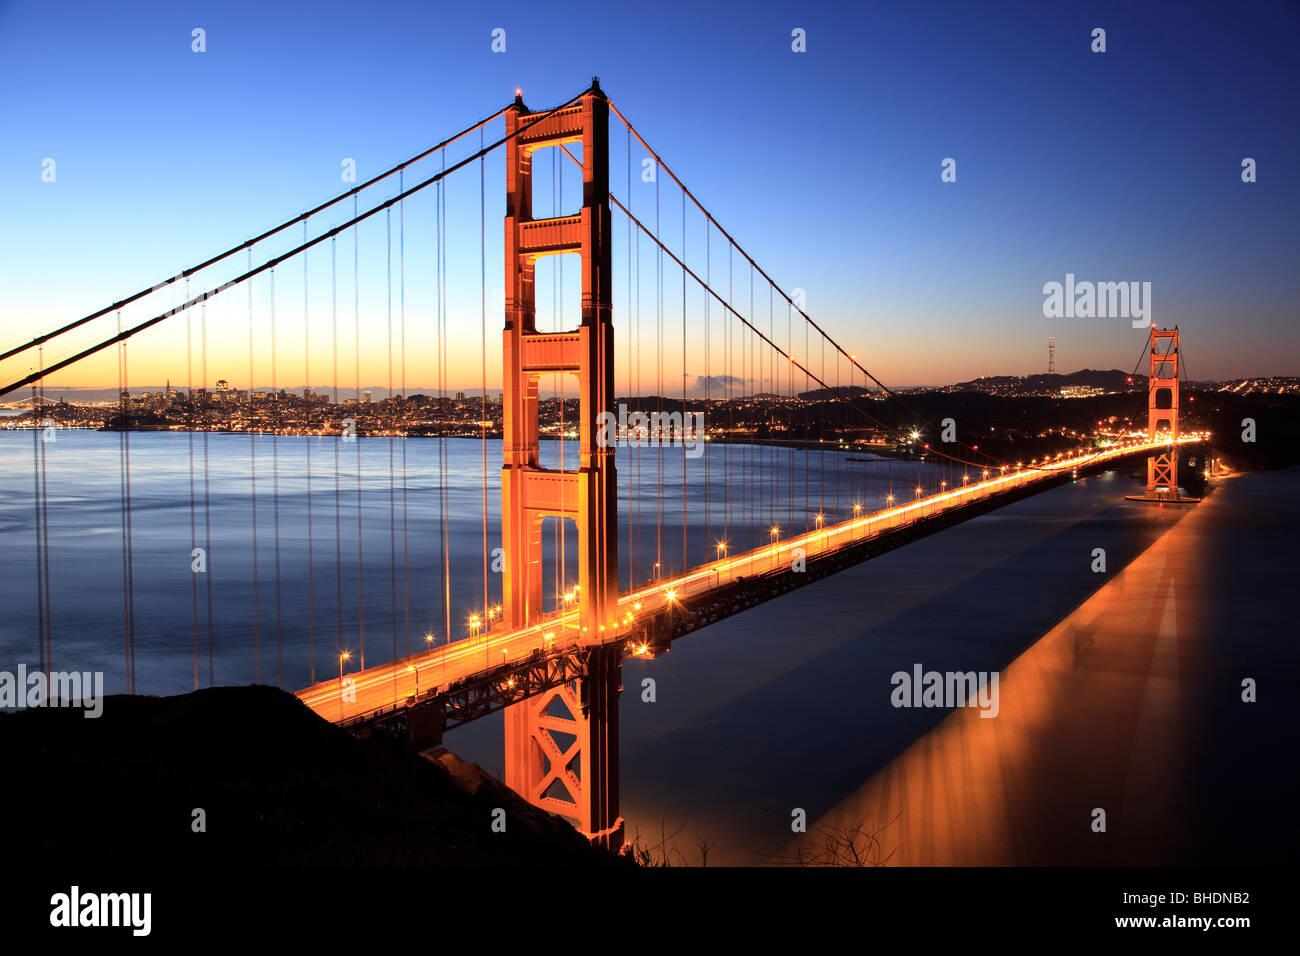 Il Ponte Golden Gate e la skyline di San Francisco vista al tramonto Immagini Stock